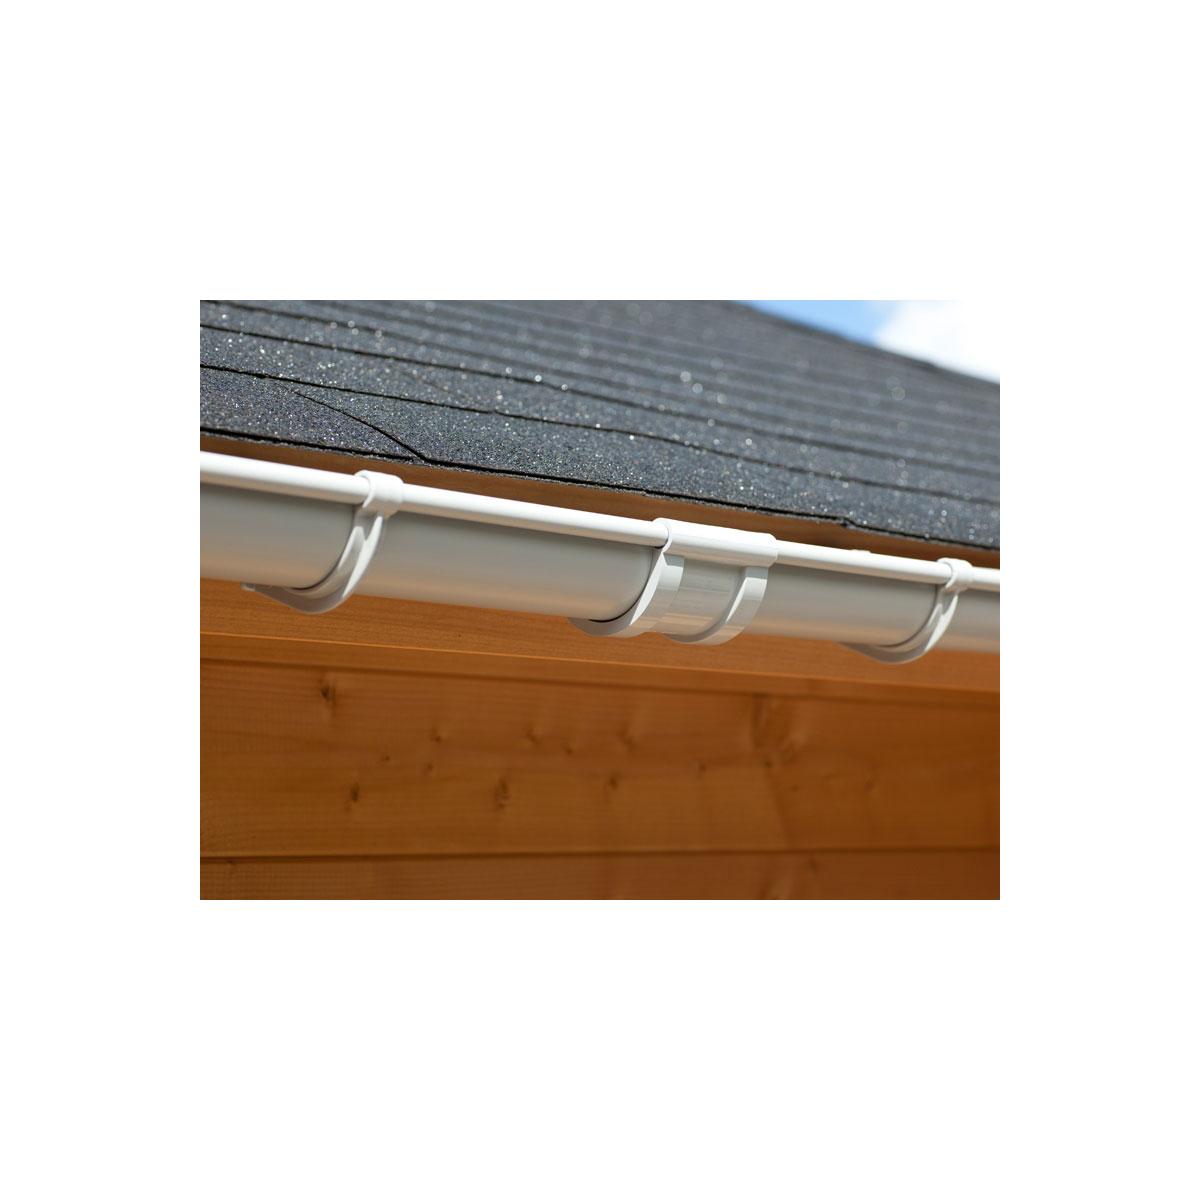 Karibu Dachrinnen Set 1 beidseitig für Satteldächer, 3 m